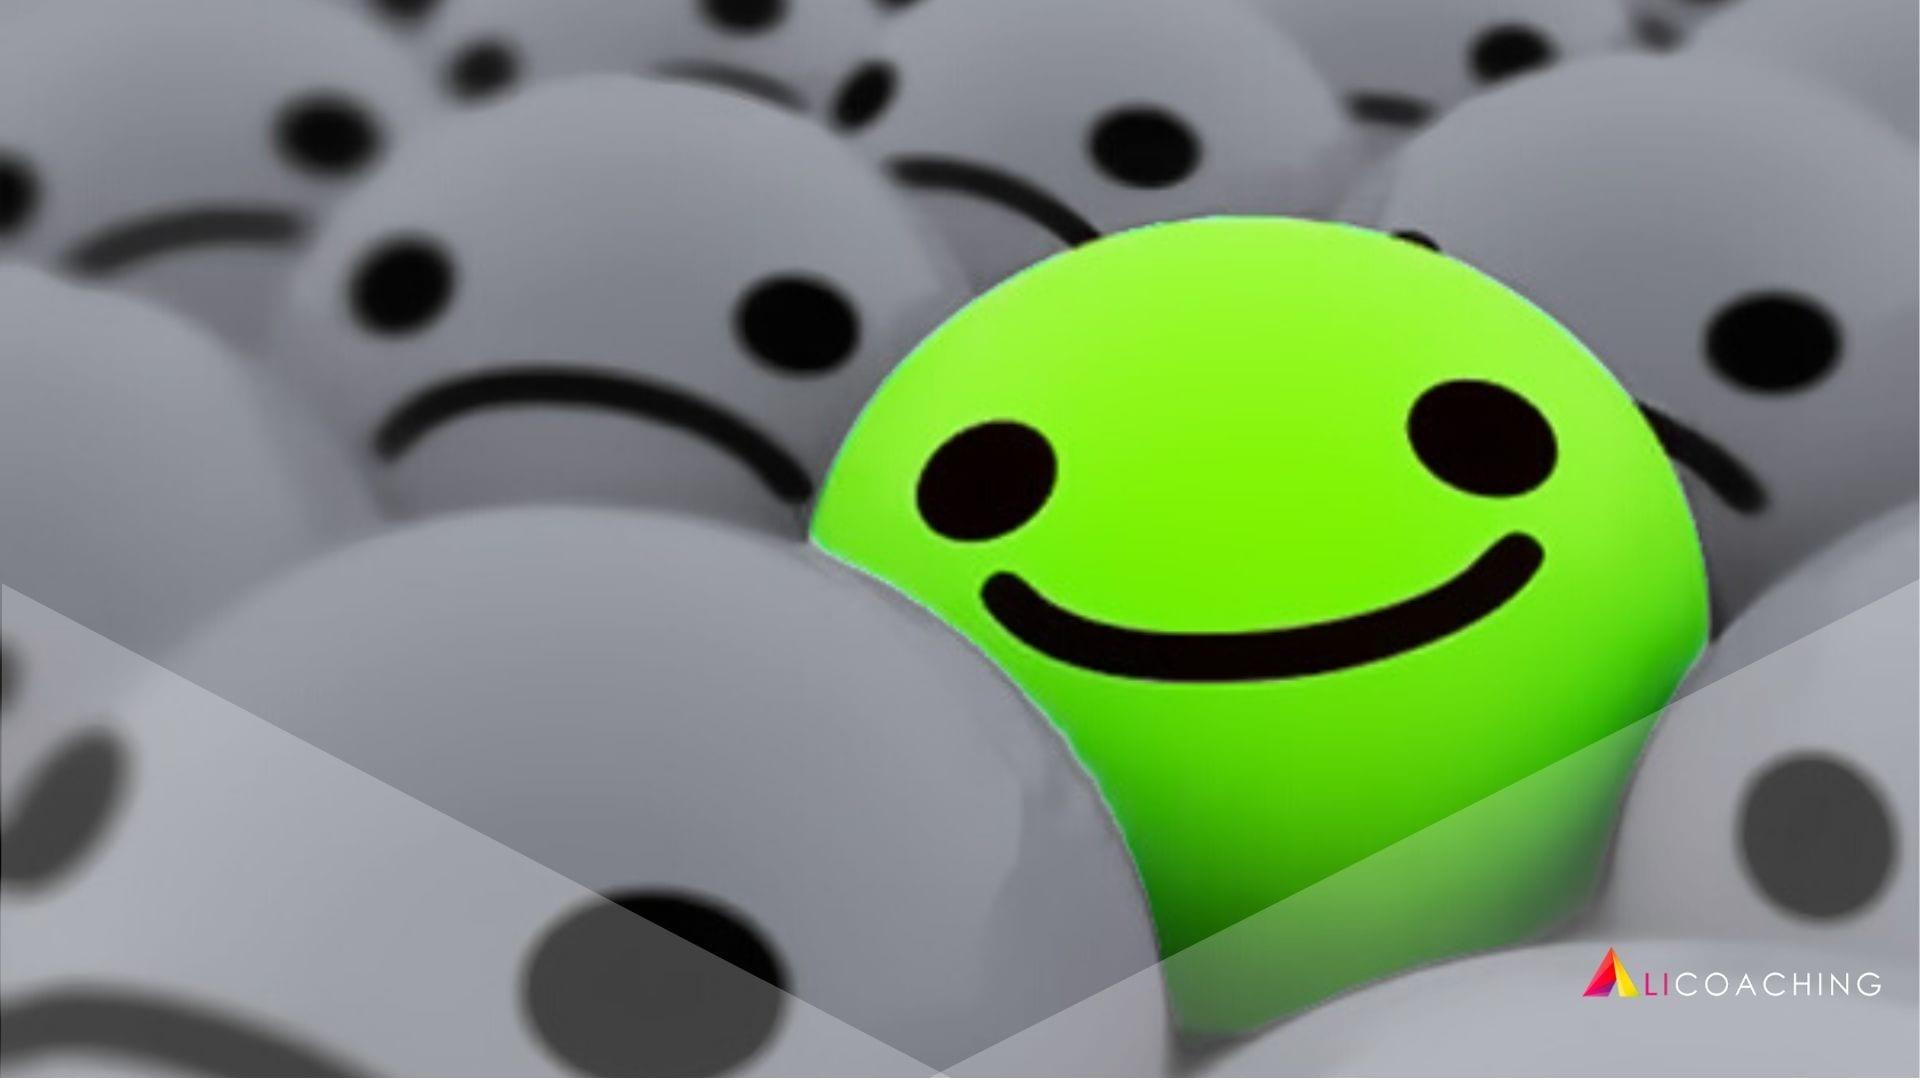 Ottimista o pessimista? Un questionario te lo rivela. Vieni a scoprirlo!